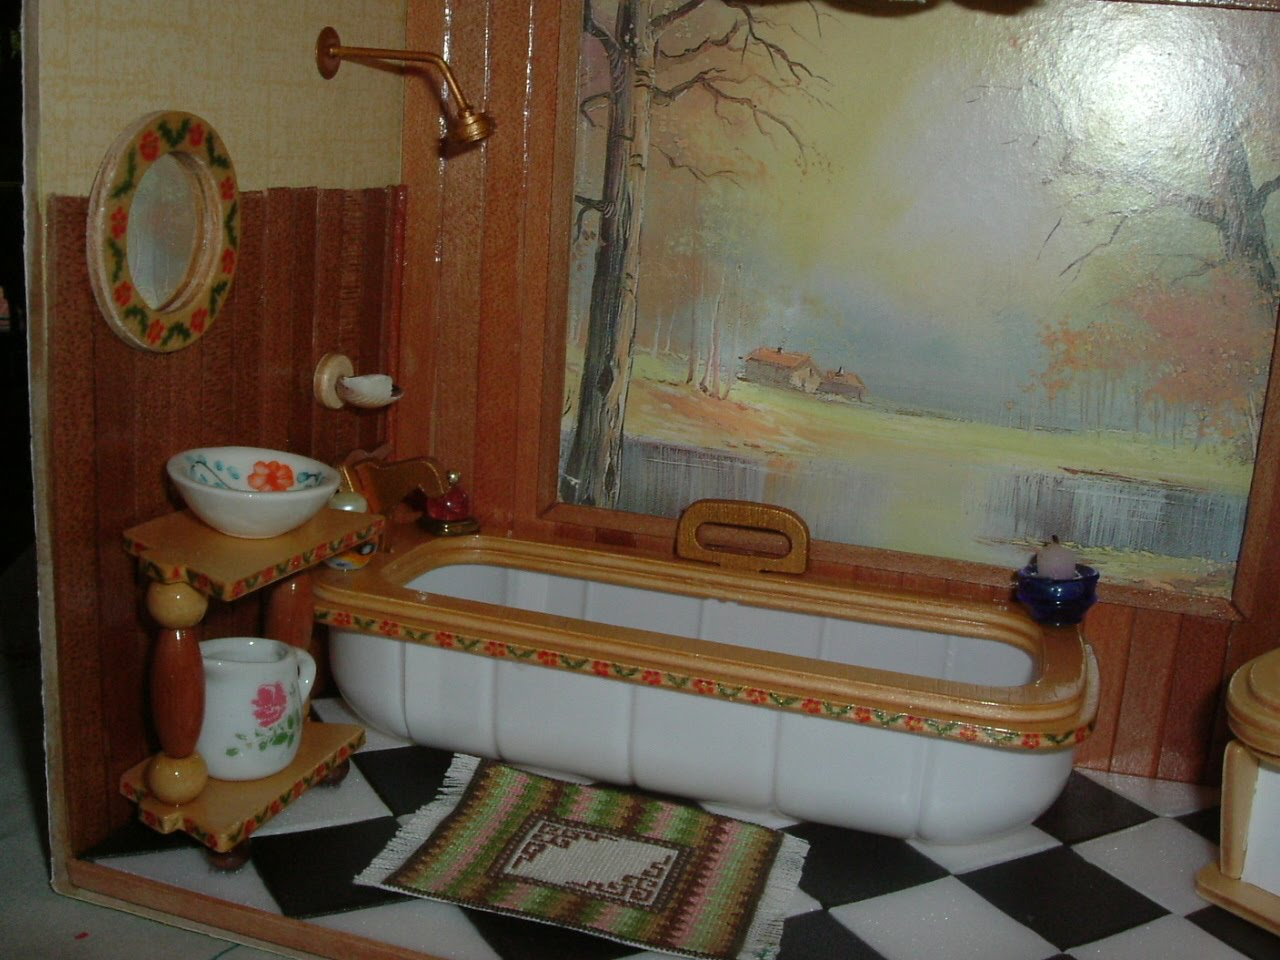 Baños Estilo Country:Cuarto de baño estilo country a partir de un kit de mueblecitos de